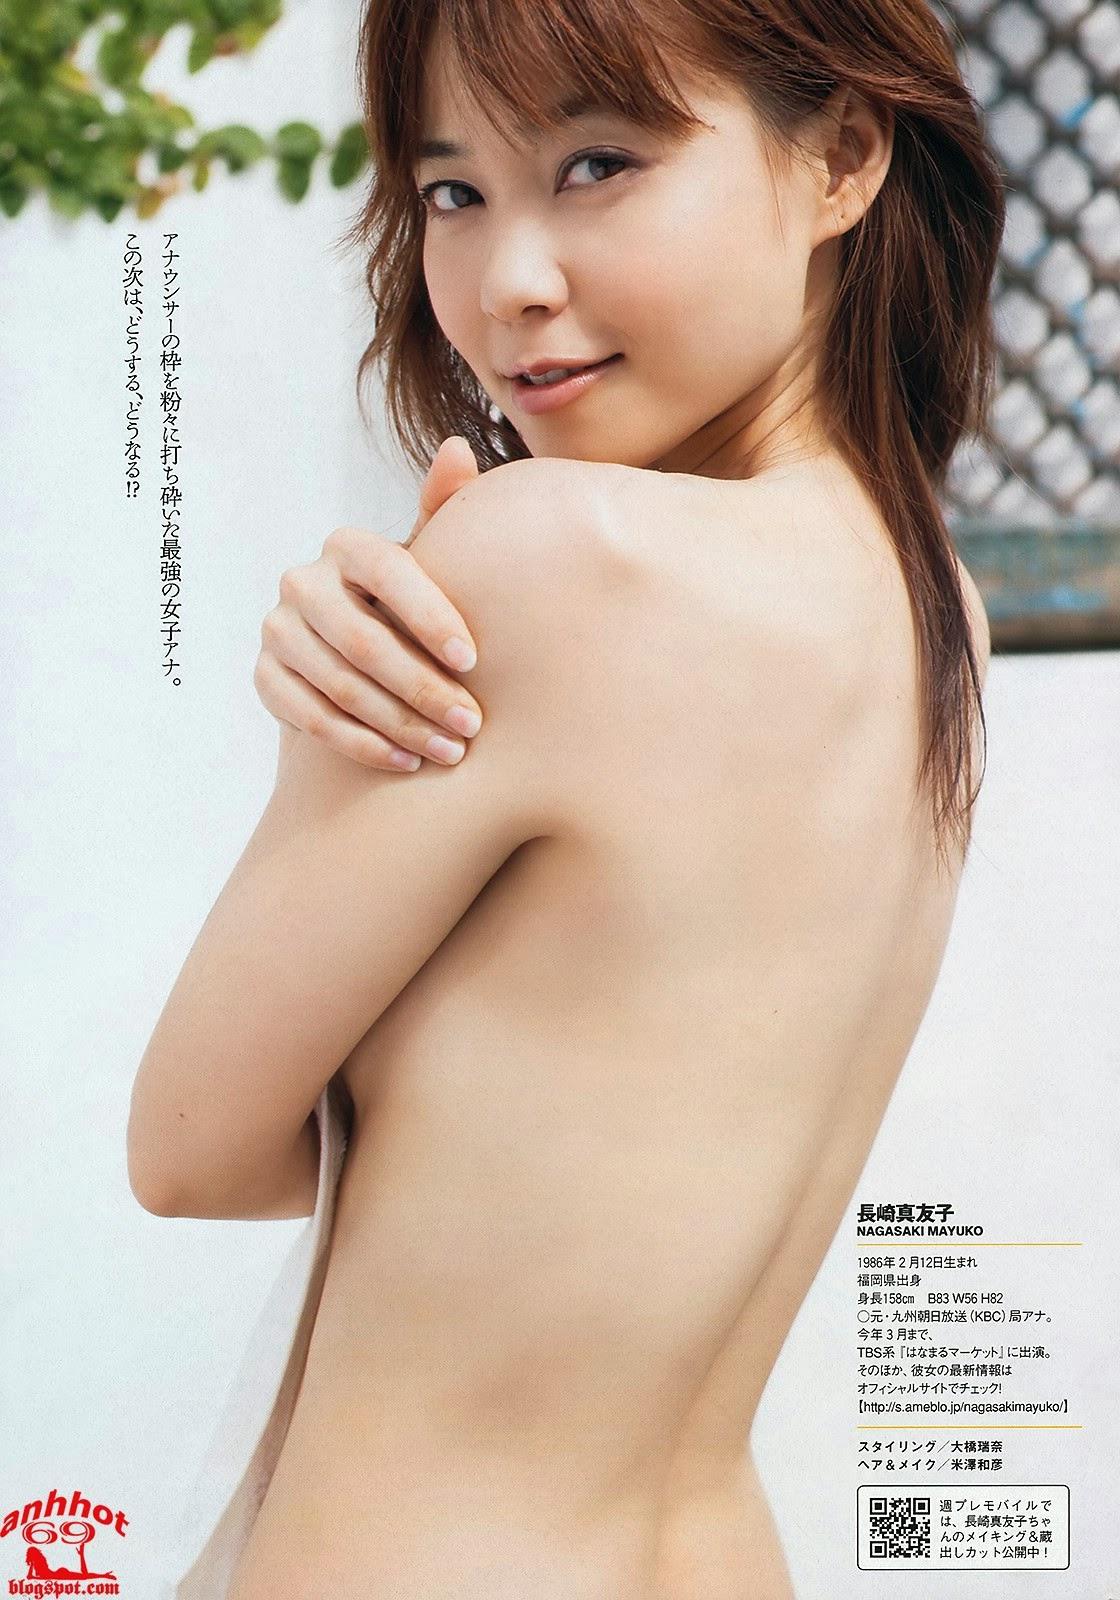 mayuko-nagasaki-02228065